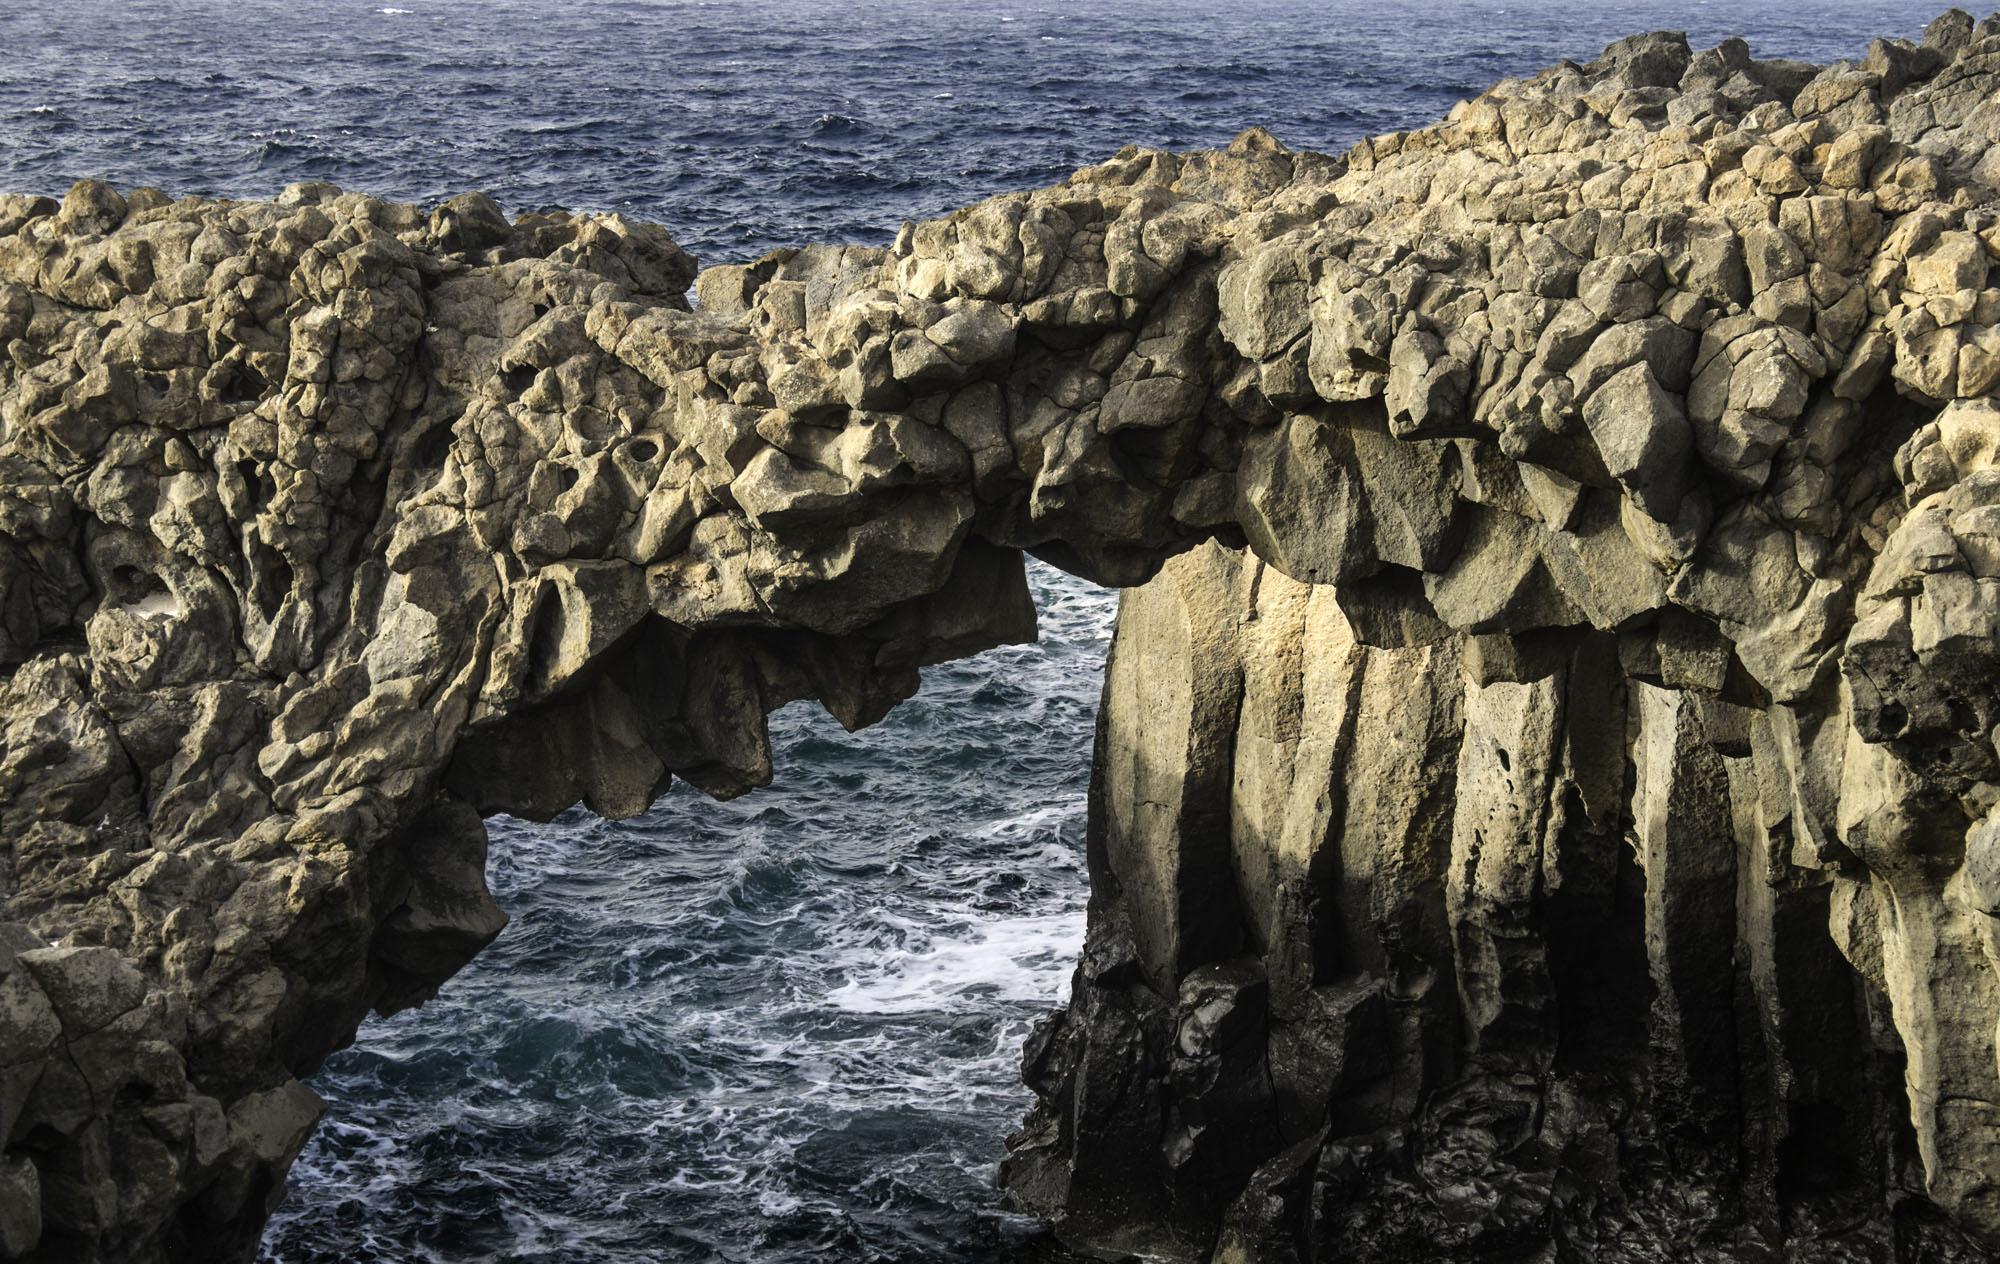 Los arcos de los Caletones al norte de la isla.